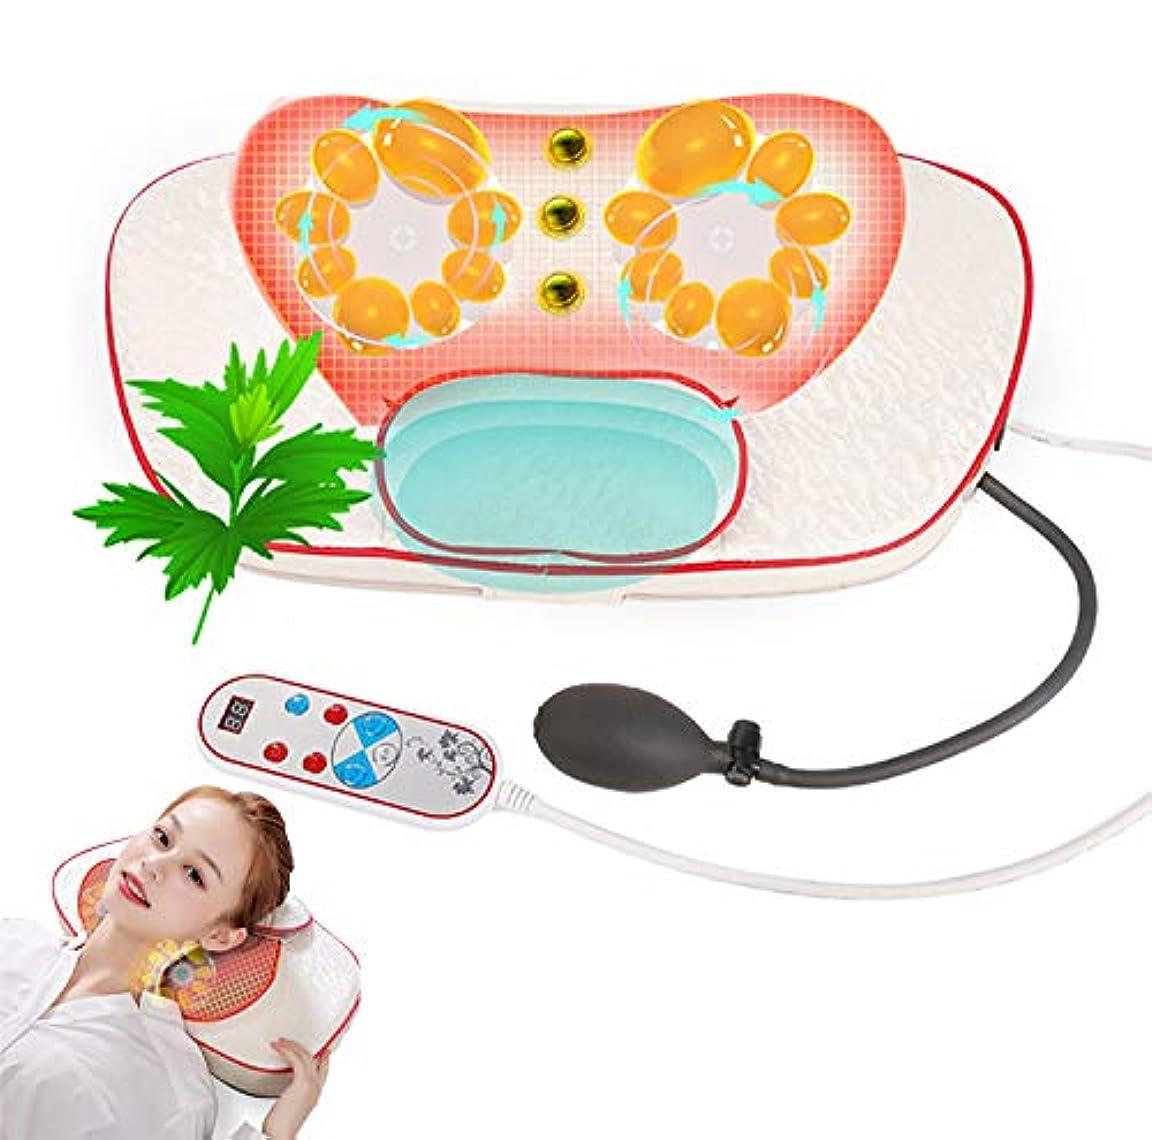 苦行支援するサイズ理性的な混練の首のマッサージの枕、赤外線磁気熱いパックAiの草の芳香の首のウエストの肩の世帯の電気マッサージの枕